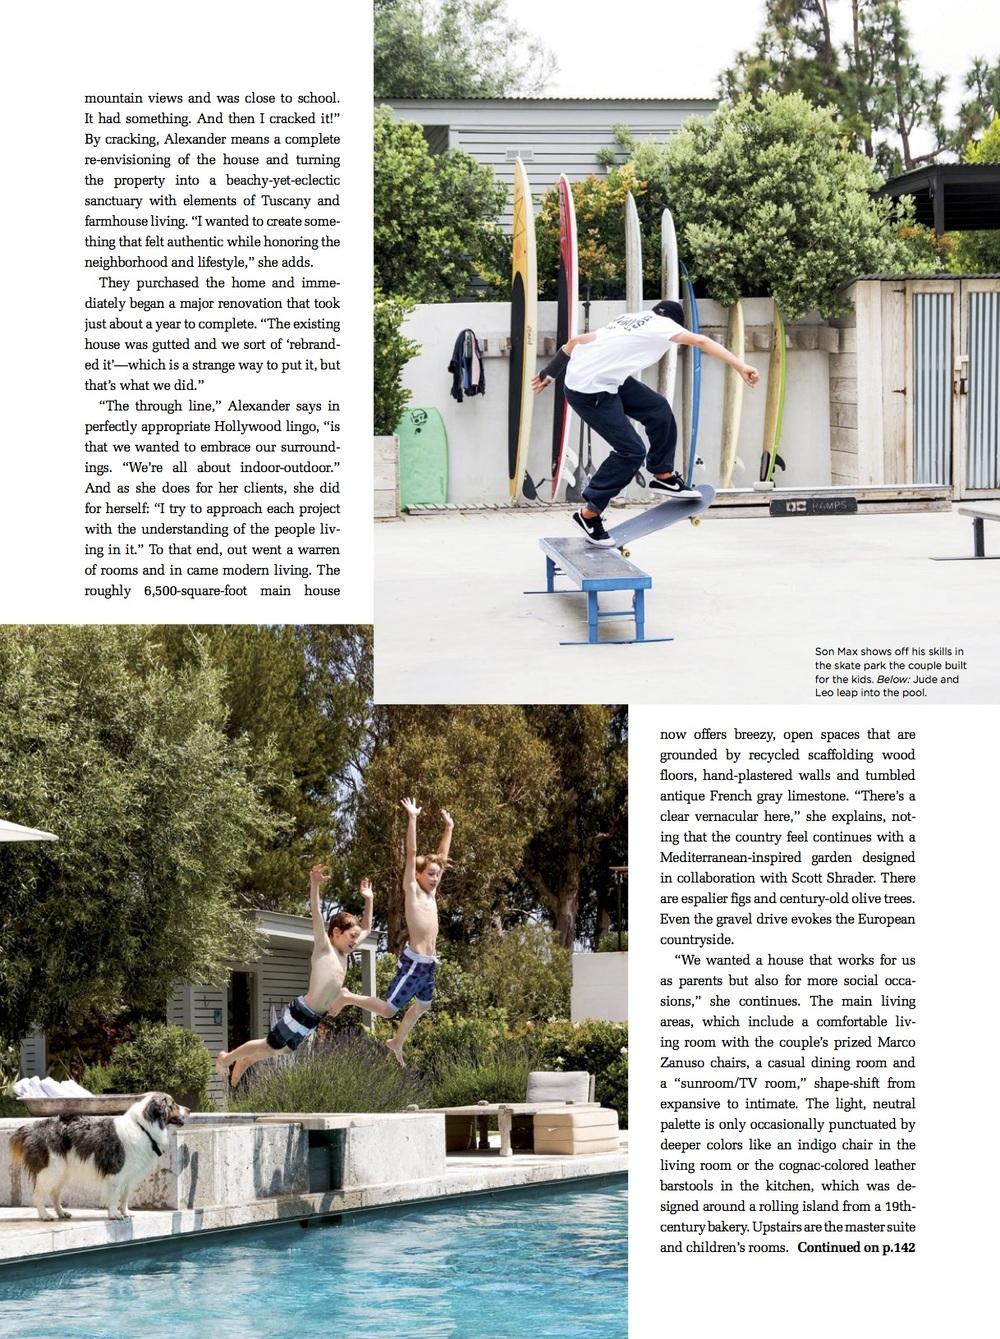 Grayfox_C Magazine_Summer 2016-7.jpg